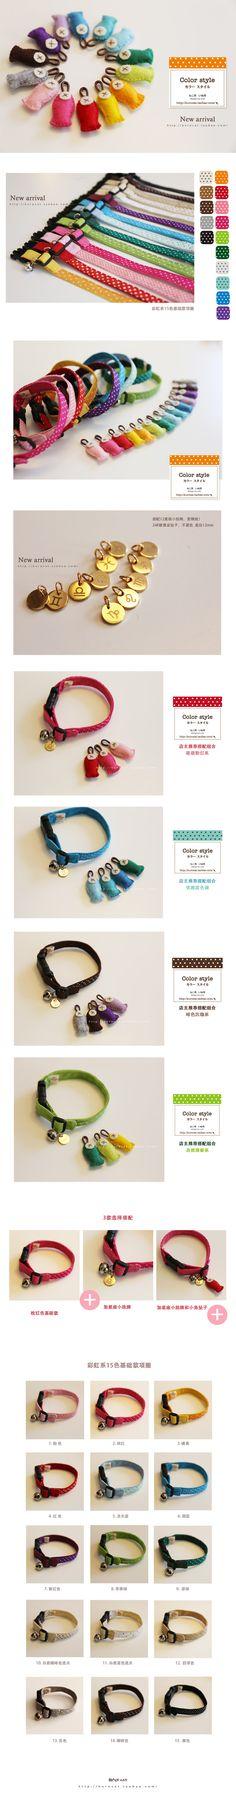 ¡Nuevo! ★ arco iris de colores collares para mascotas Departamento 15 modelos básicos gato | Collar de perro - Taobao